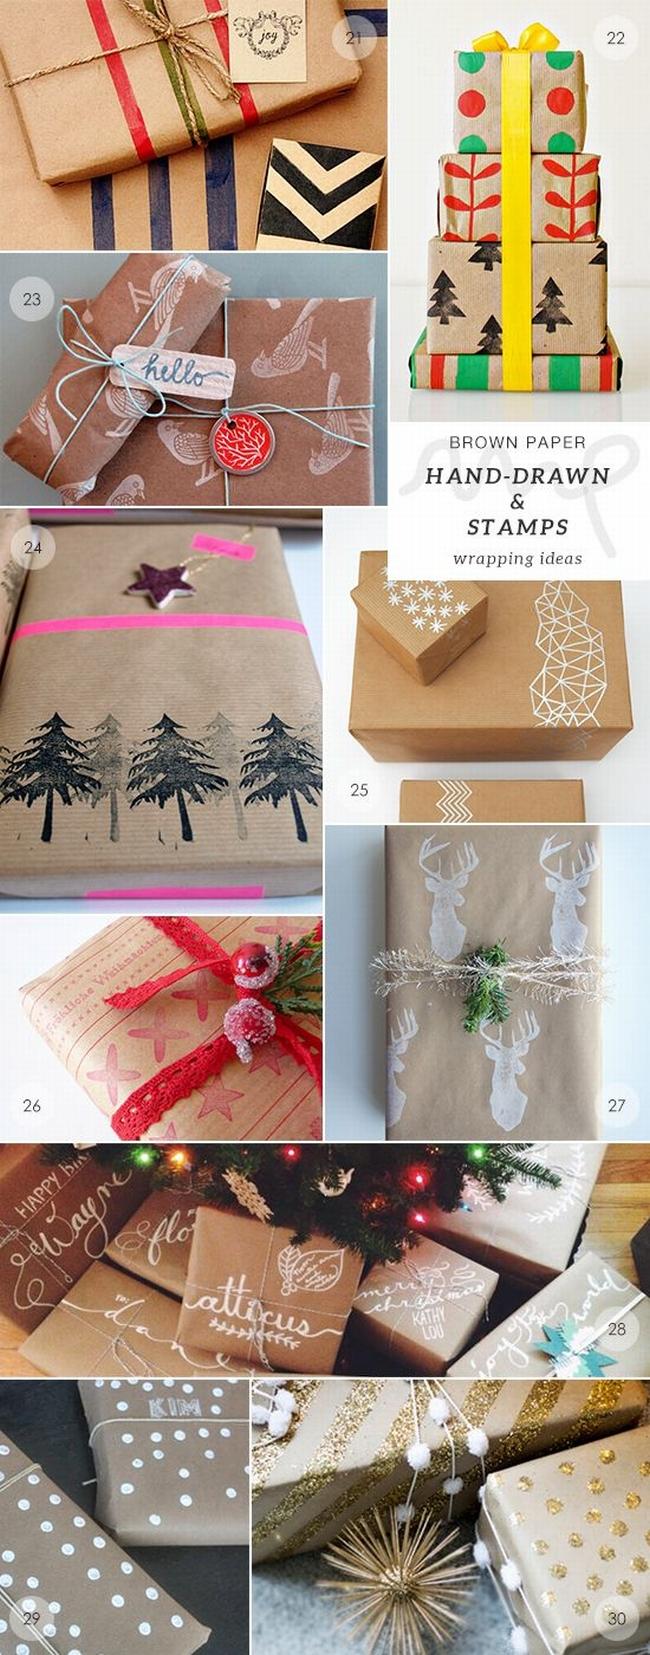 pakowanie prezentów na swięta prosto i modnie 1201